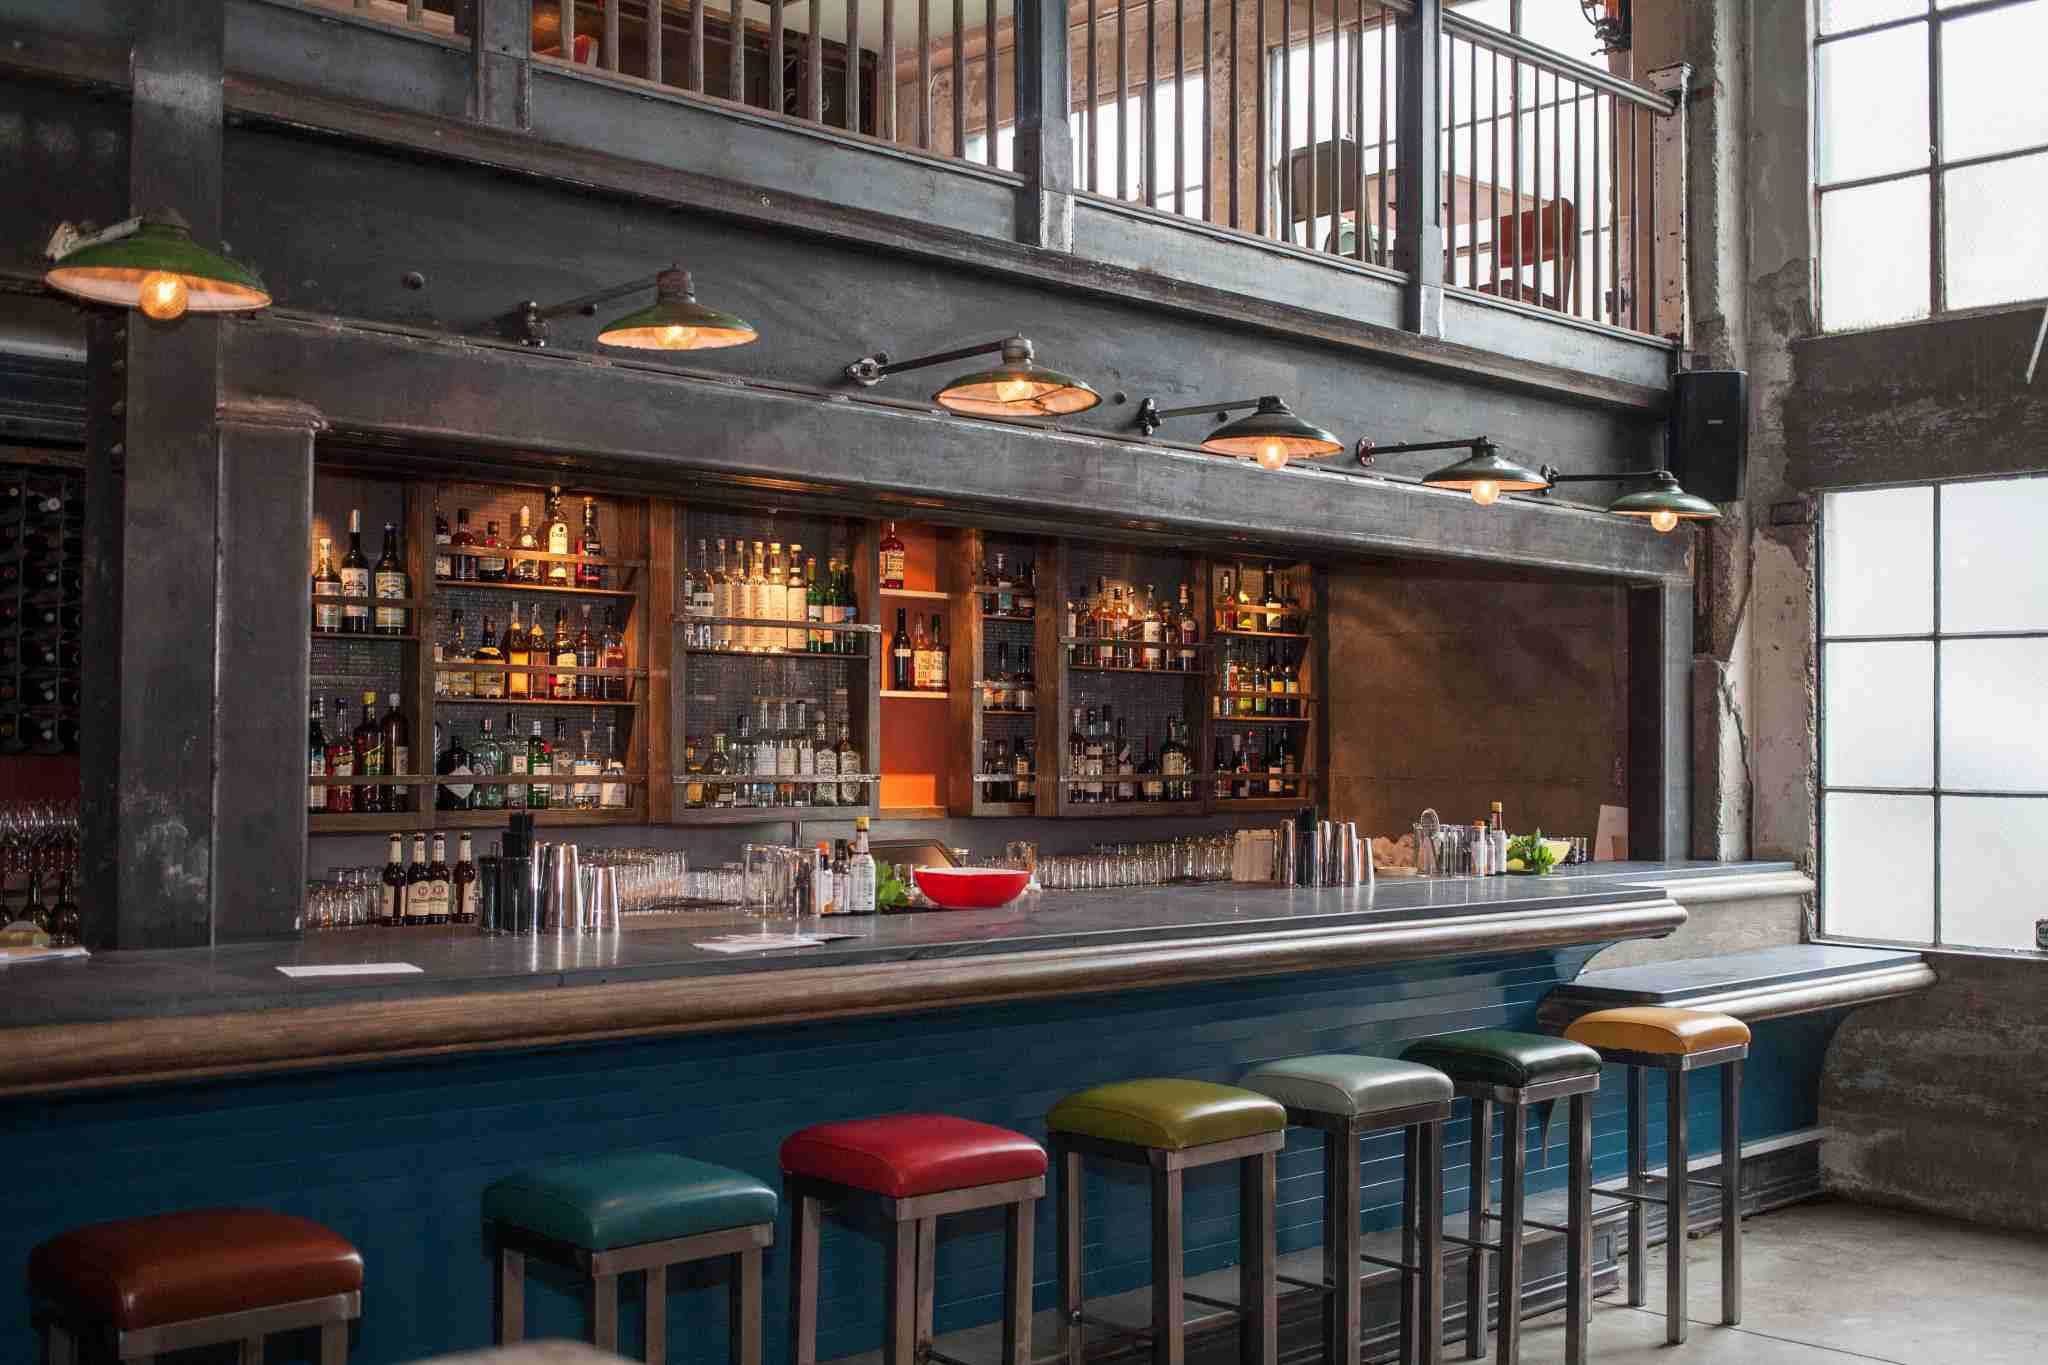 the Bar at Trick Dog